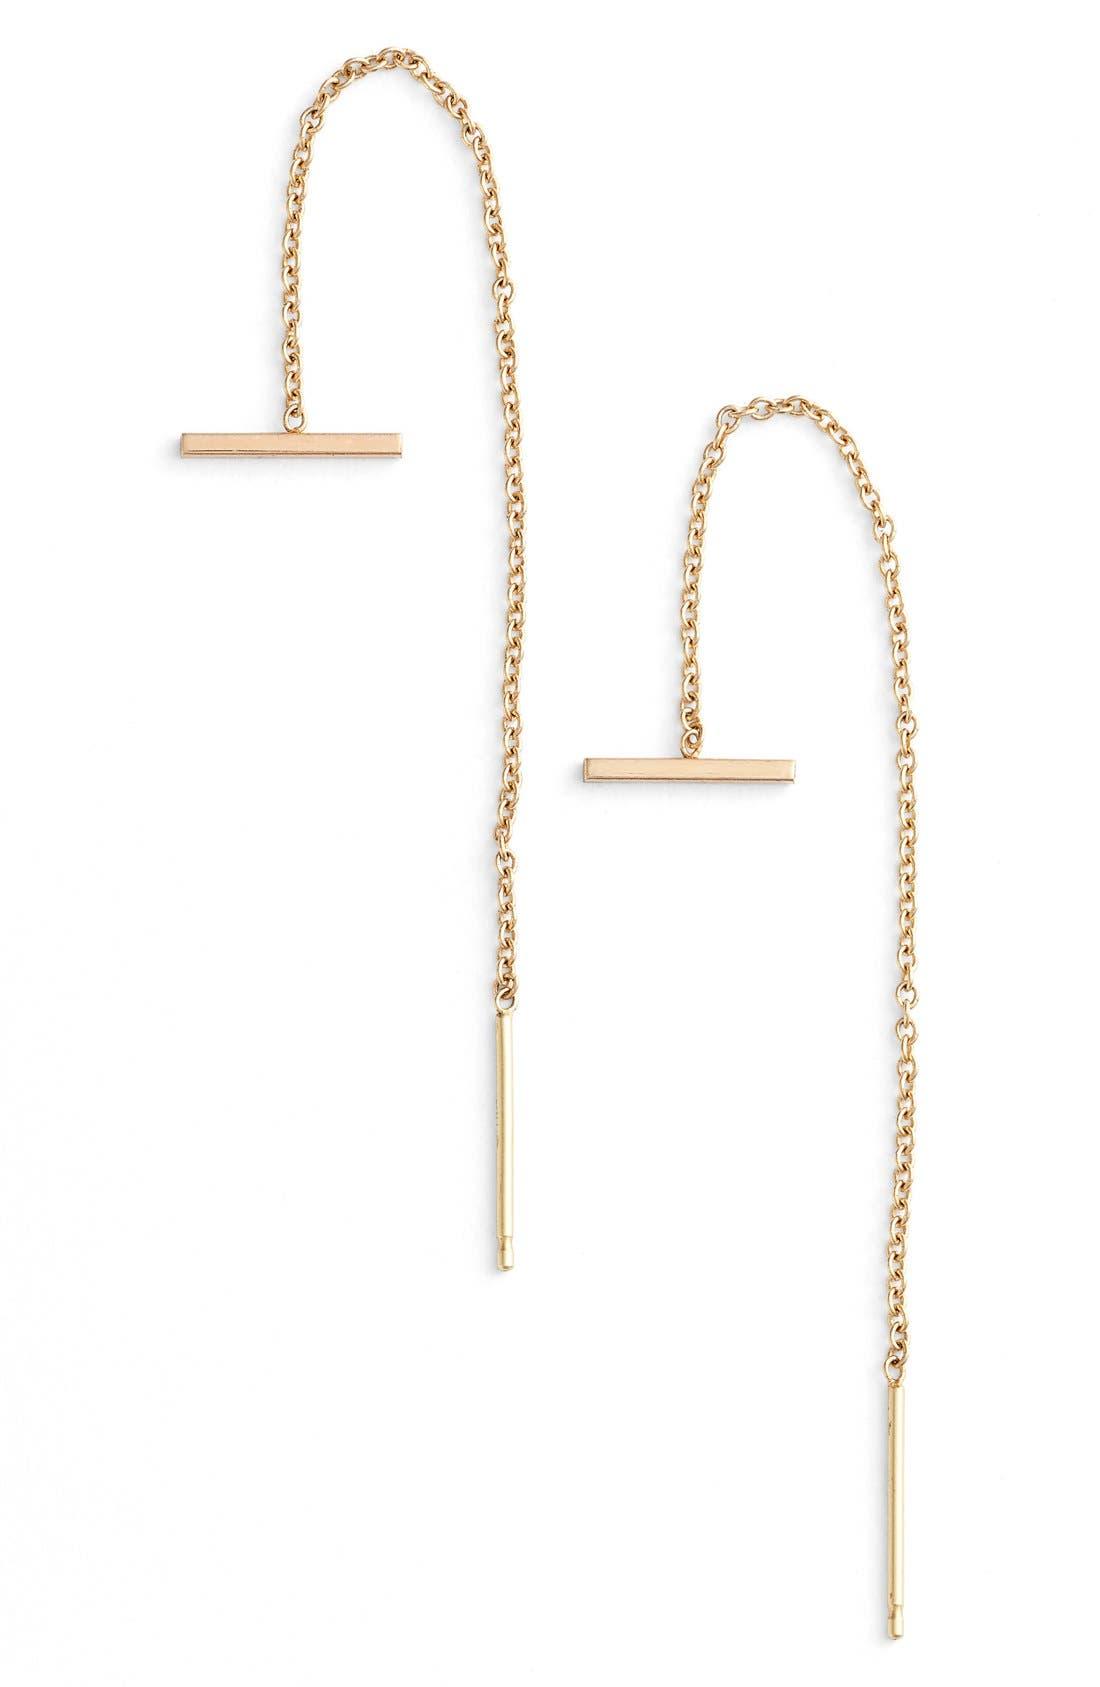 Main Image - Zoë Chicco Bar Threader Earrings